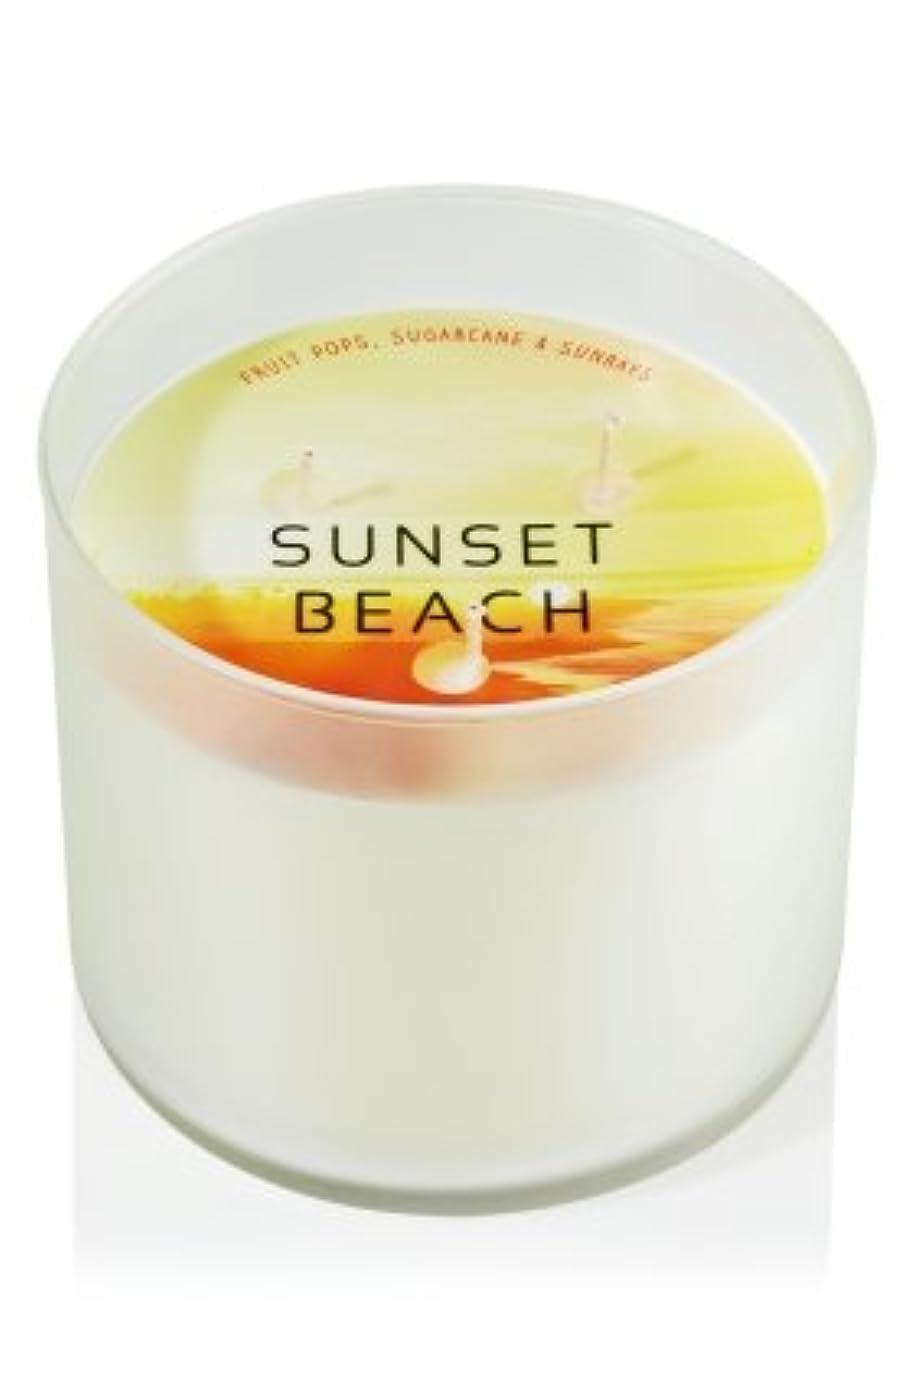 オーク汚染されたマーチャンダイザーバスボディサンセットビーチScented Candle 14.5 Oz (フルーツPops、Sugarcane、&含有